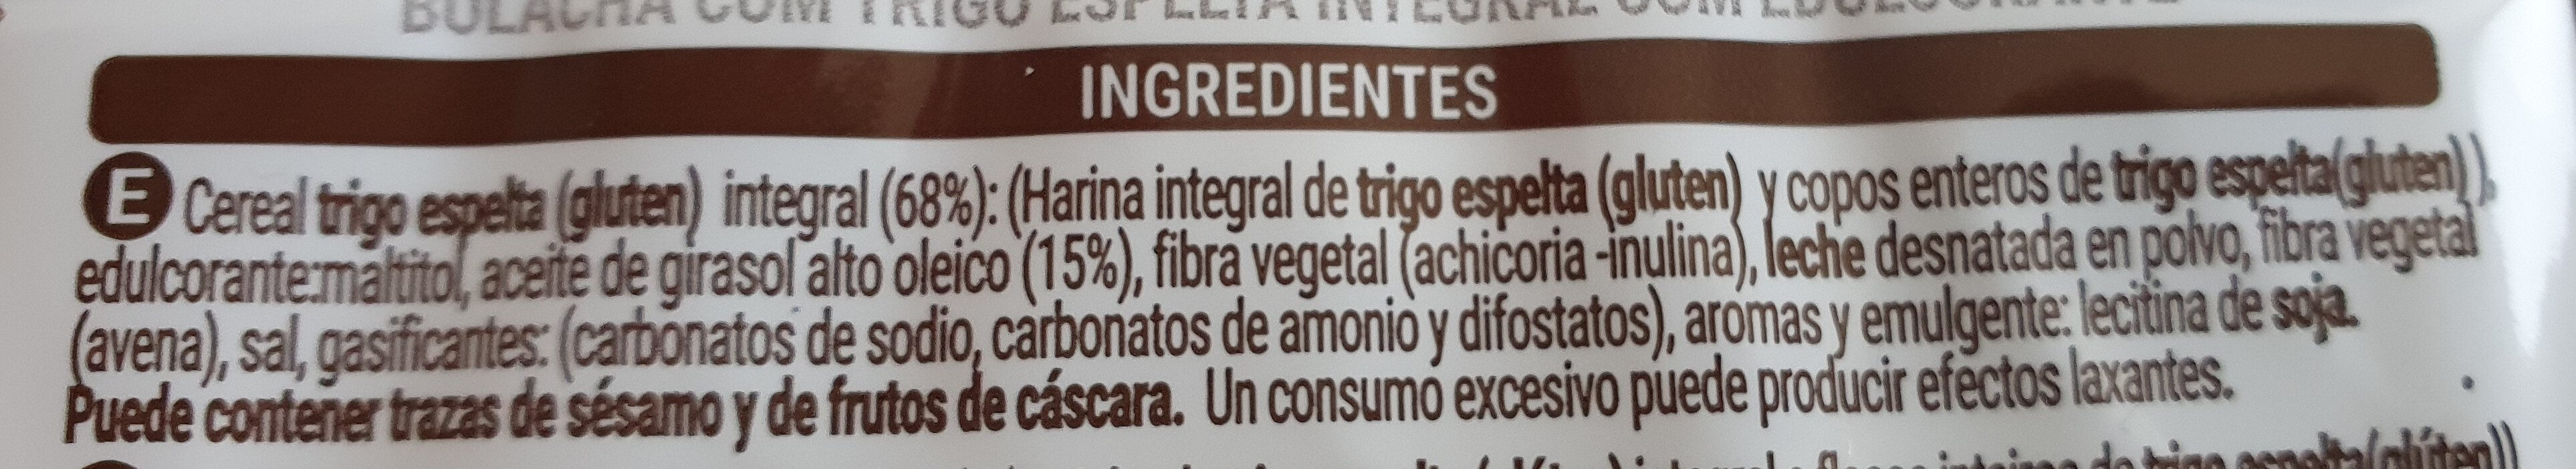 Trigo espelta - Ingredienti - es